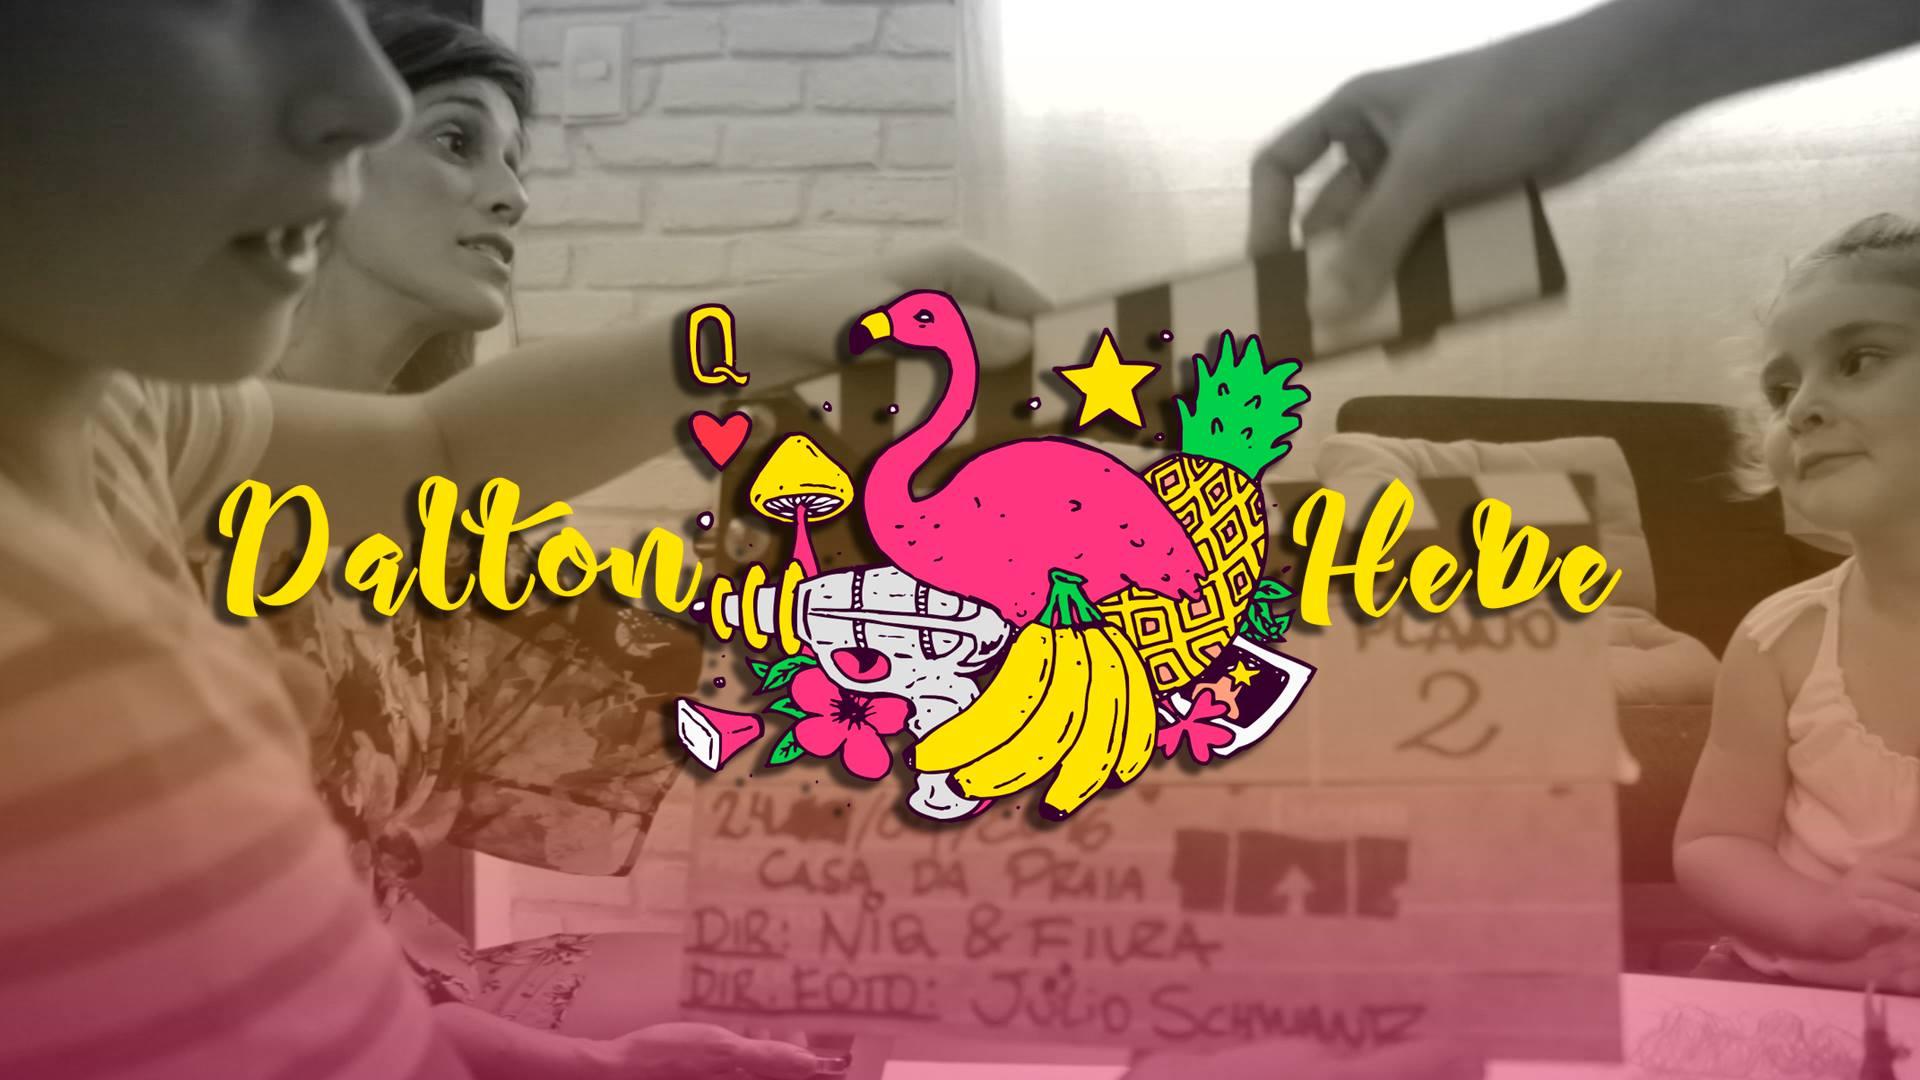 Confira o teaser da nova websérie potiguar: Dalton/Hebe